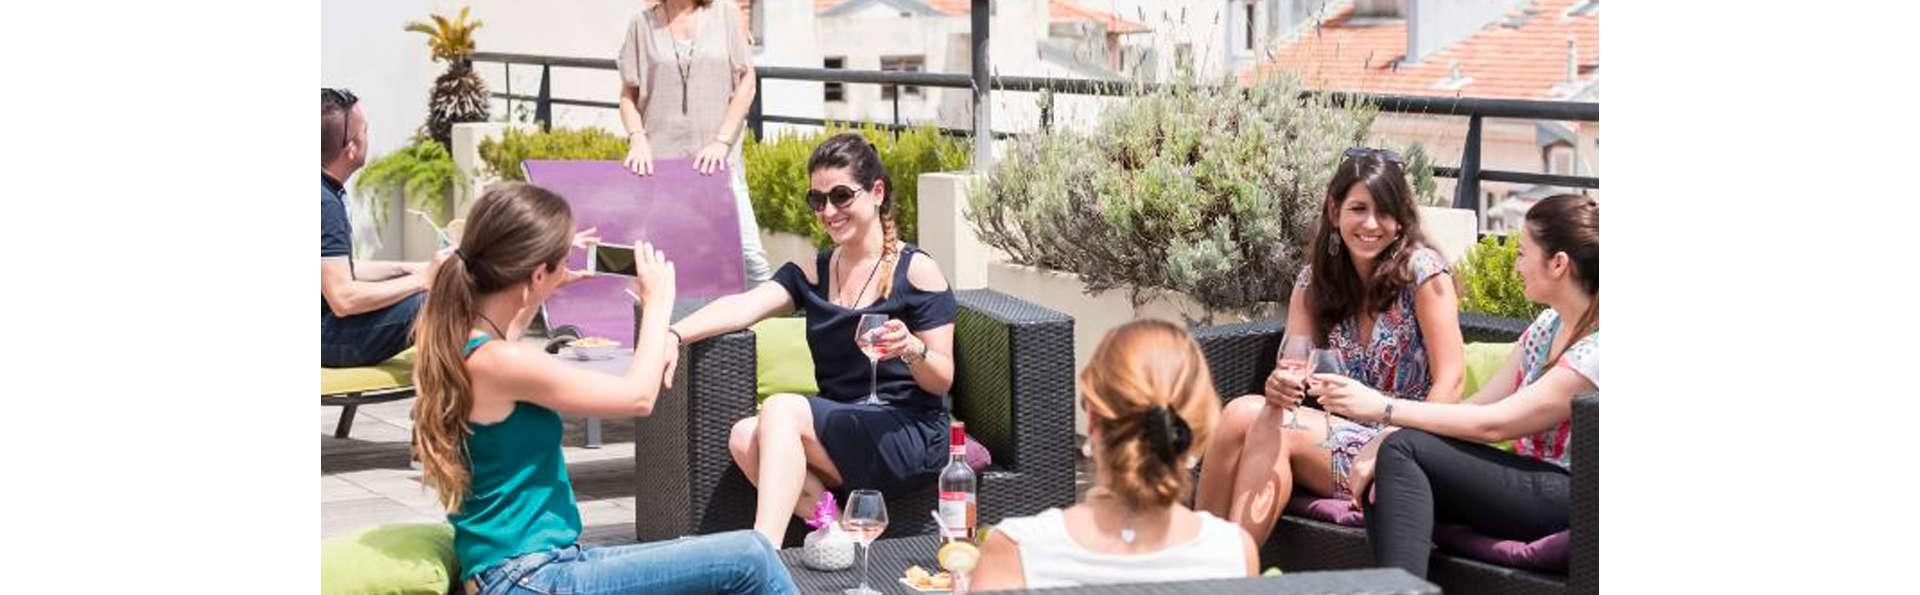 Hôtel Mercure Nice Centre Grimaldi - EDIT_TERRACE_03.jpg